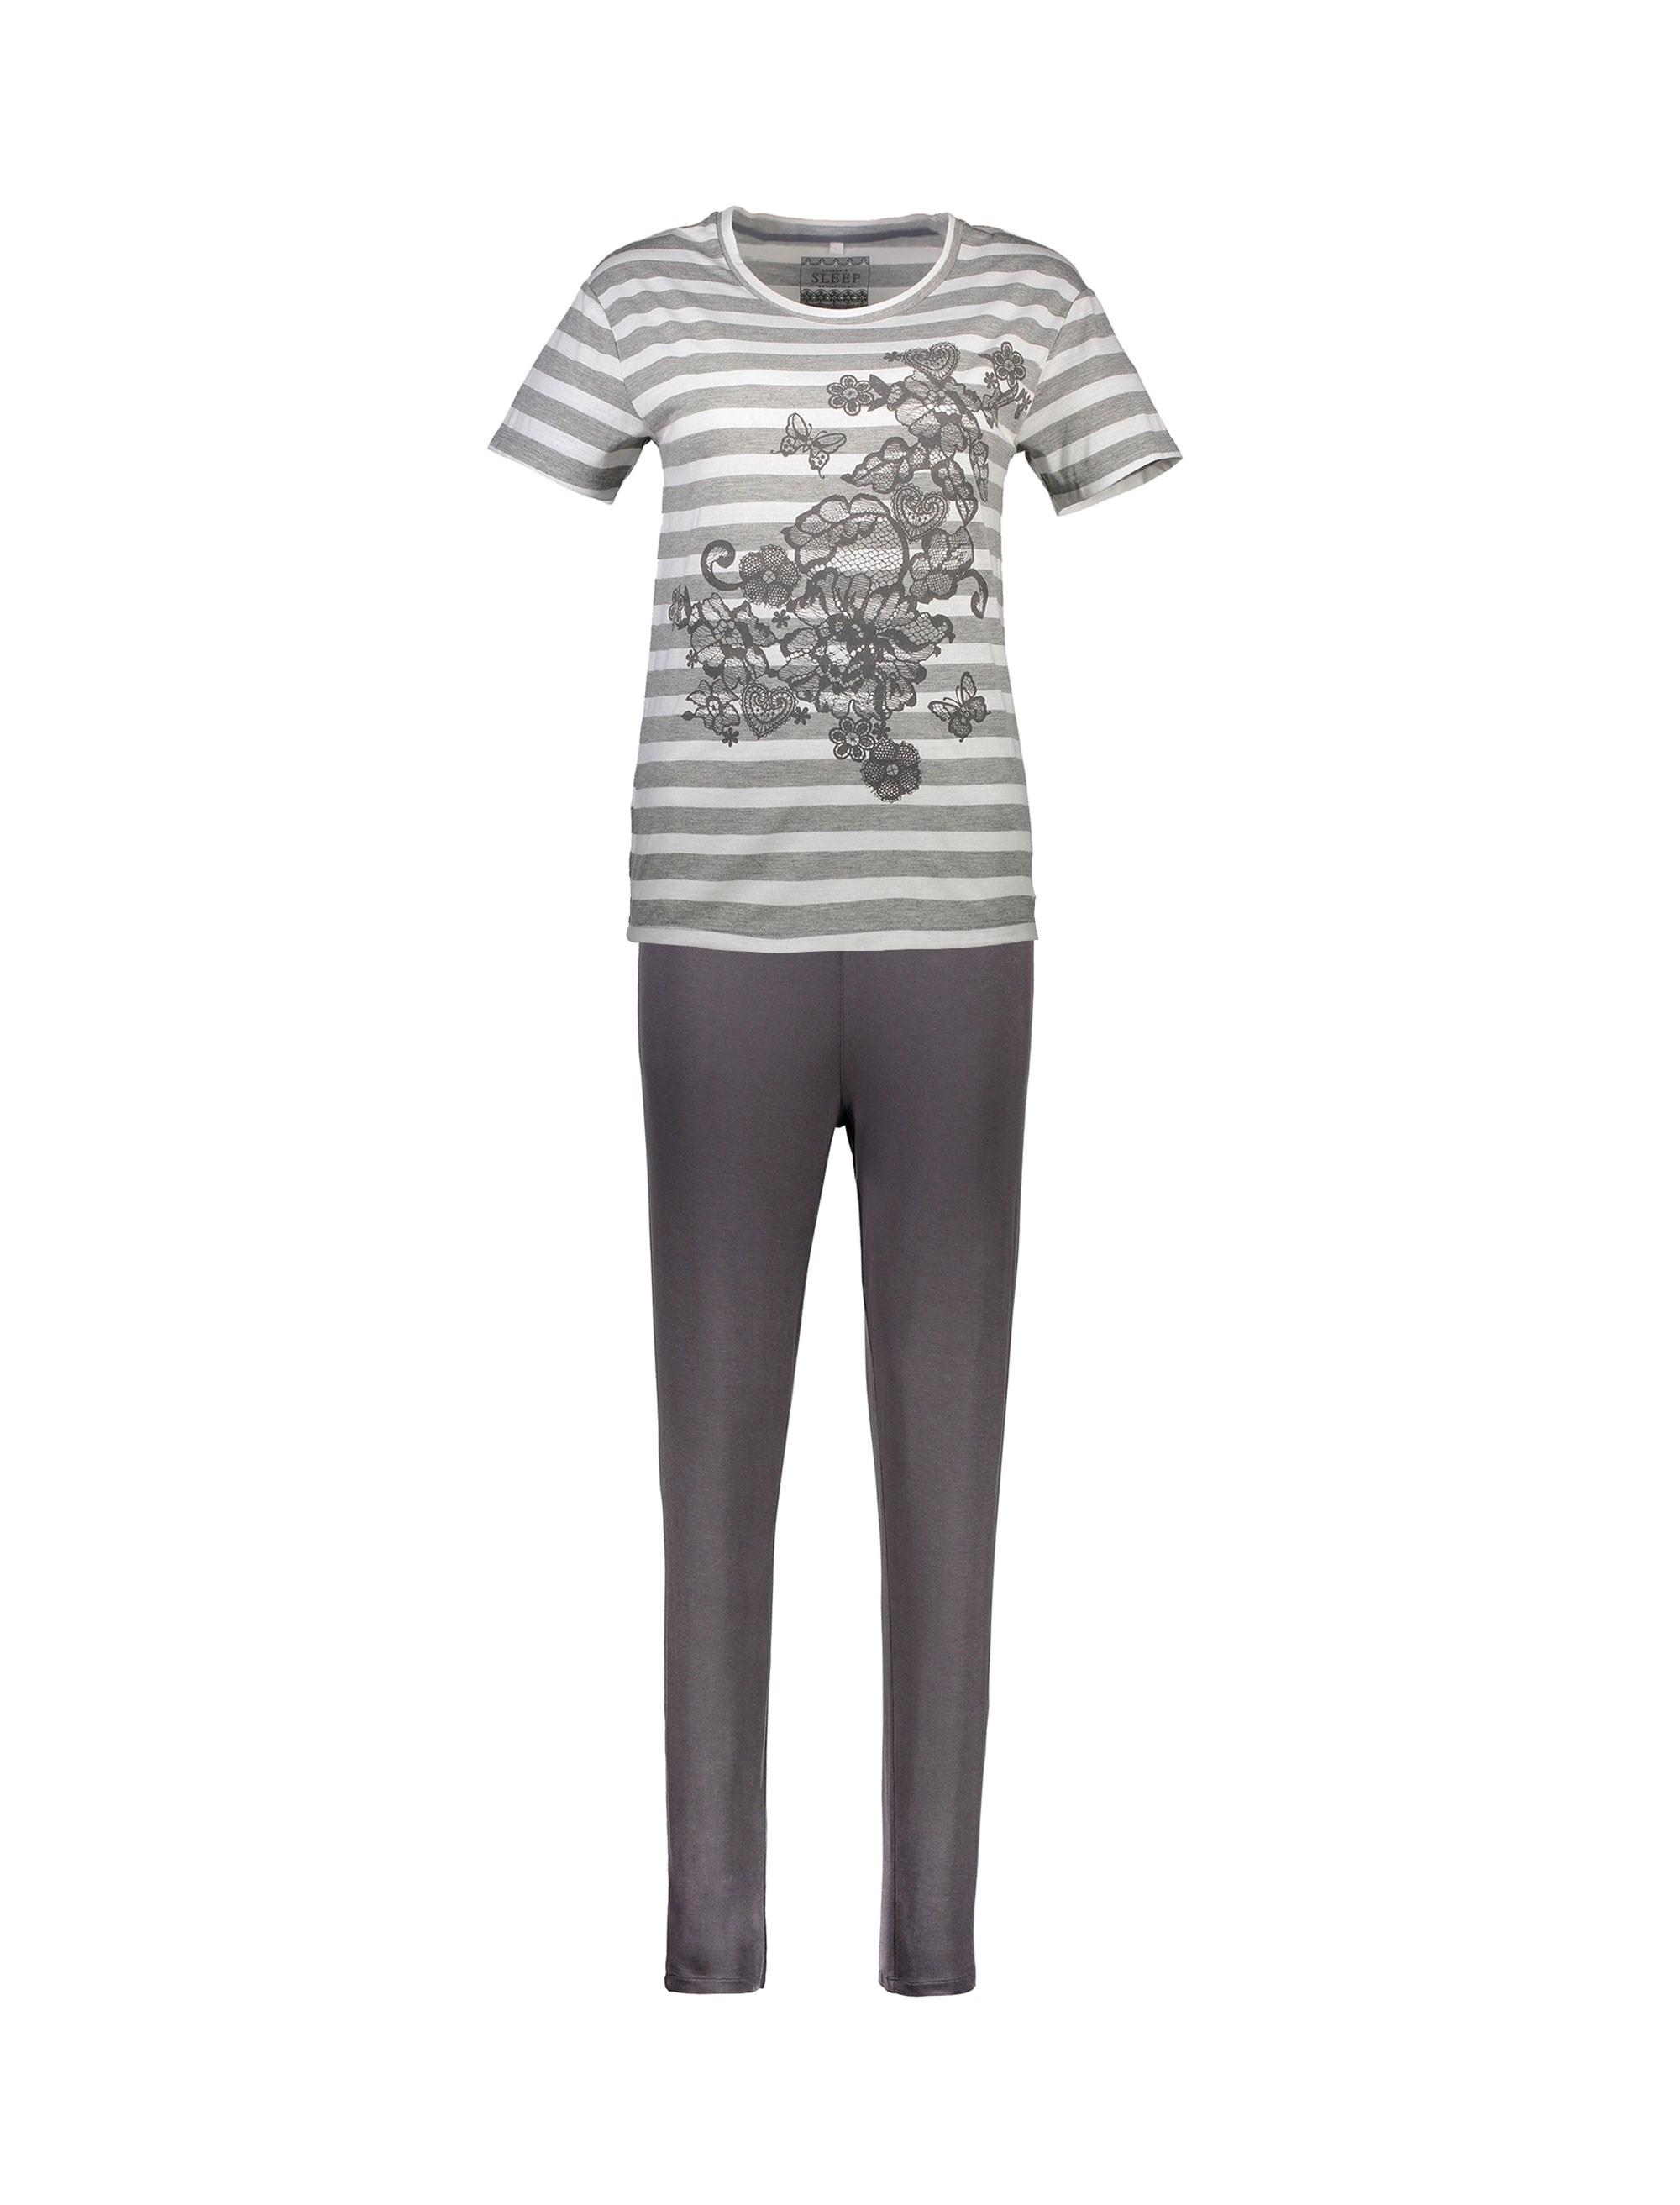 تی شرت و شلوار راحتی زنانه - لانژ اند اسلیپ              👗